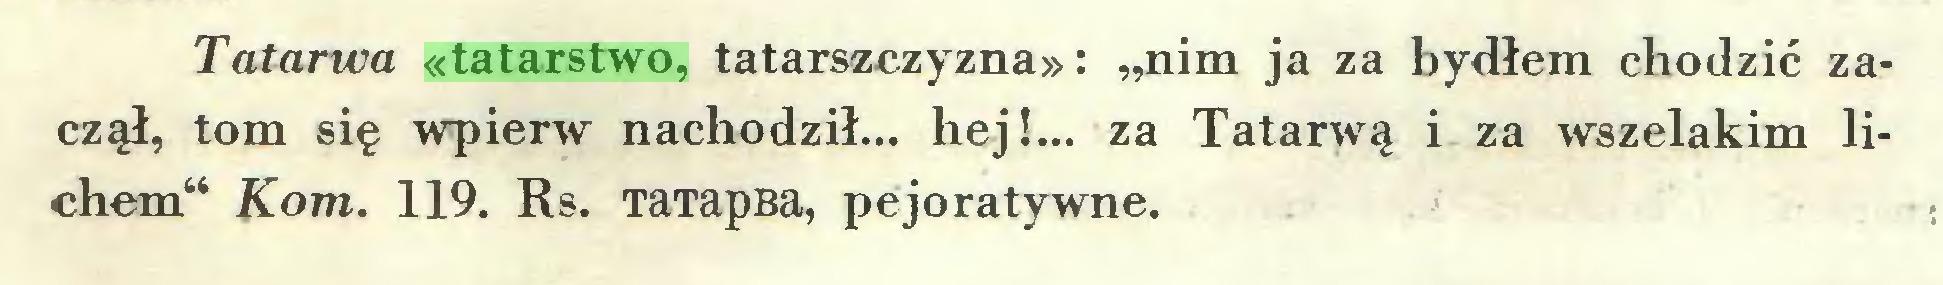 """(...) Tatarwa «tatarstwo, tatarszczyzna»: """"nim ja za bydłem chodzić zaczął, tom się wpierw nachodził... hej!... za Tatarwą i za wszelakim lichem44 Kom. 119. Rs. TaTapBa, pejoratywne..."""